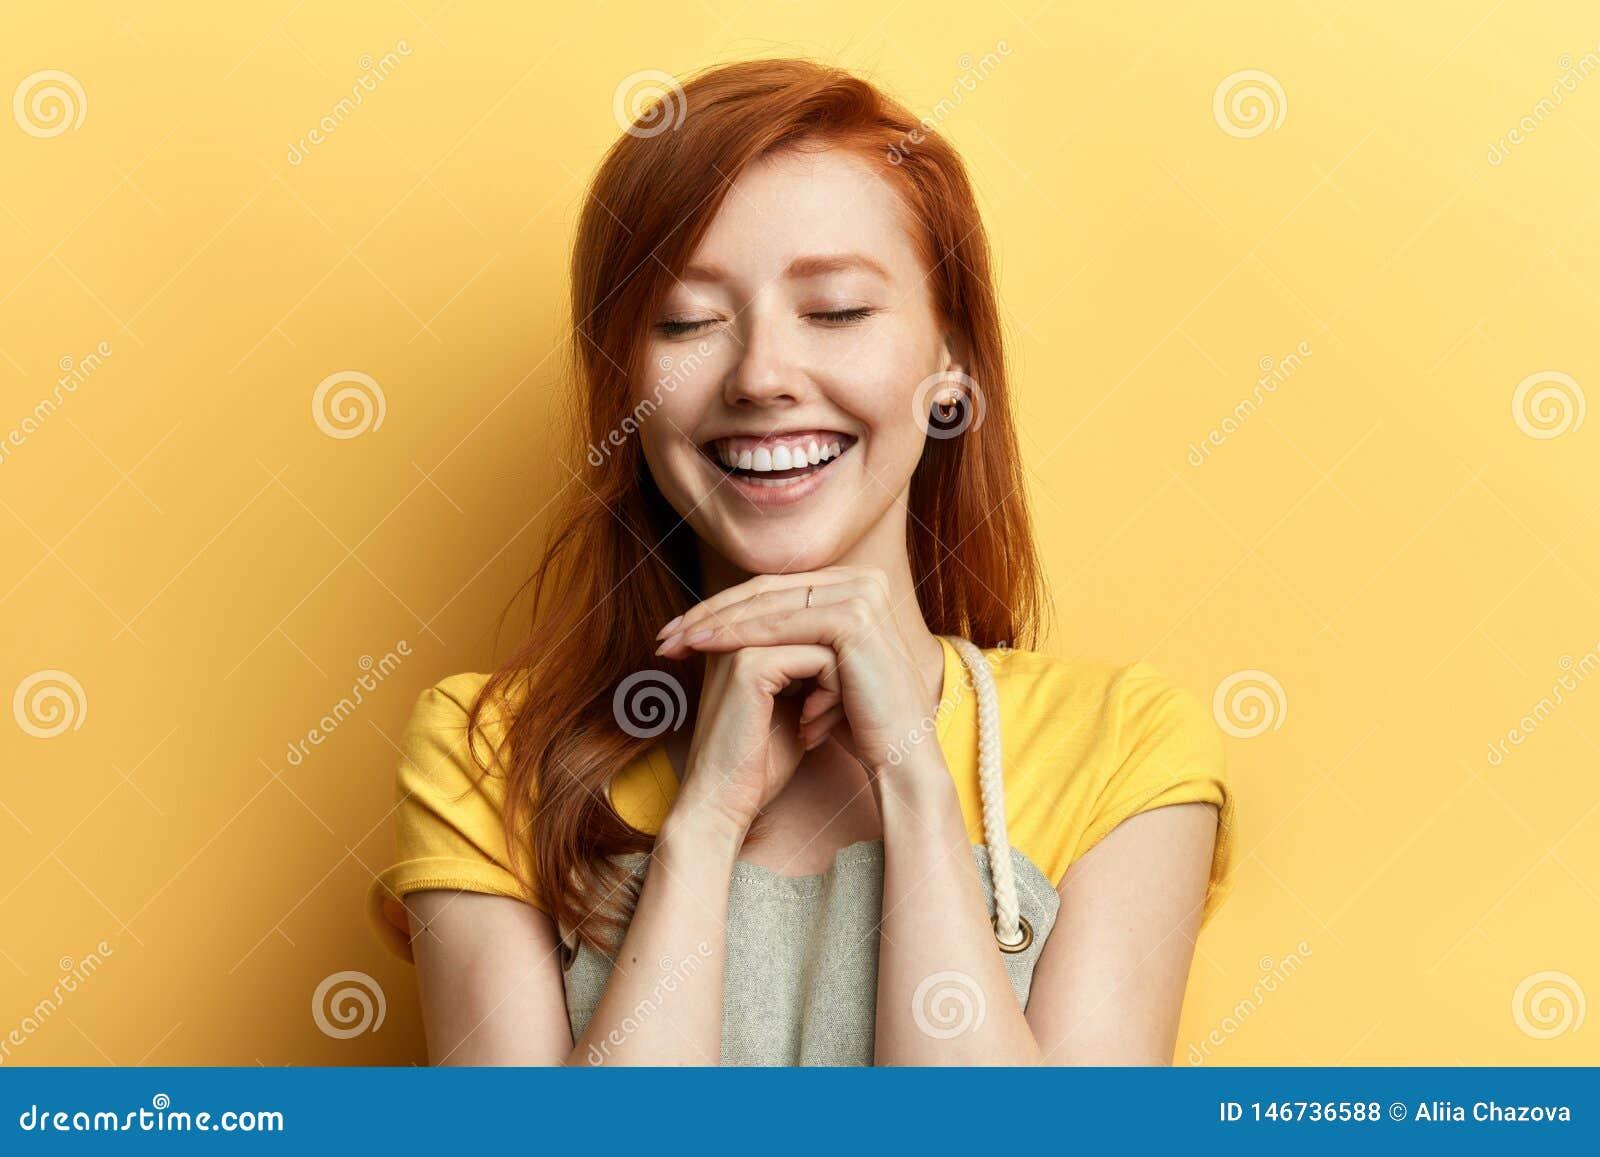 Ragazza splendida dello zenzero con gli occhi chiusi che ride di qualcuno